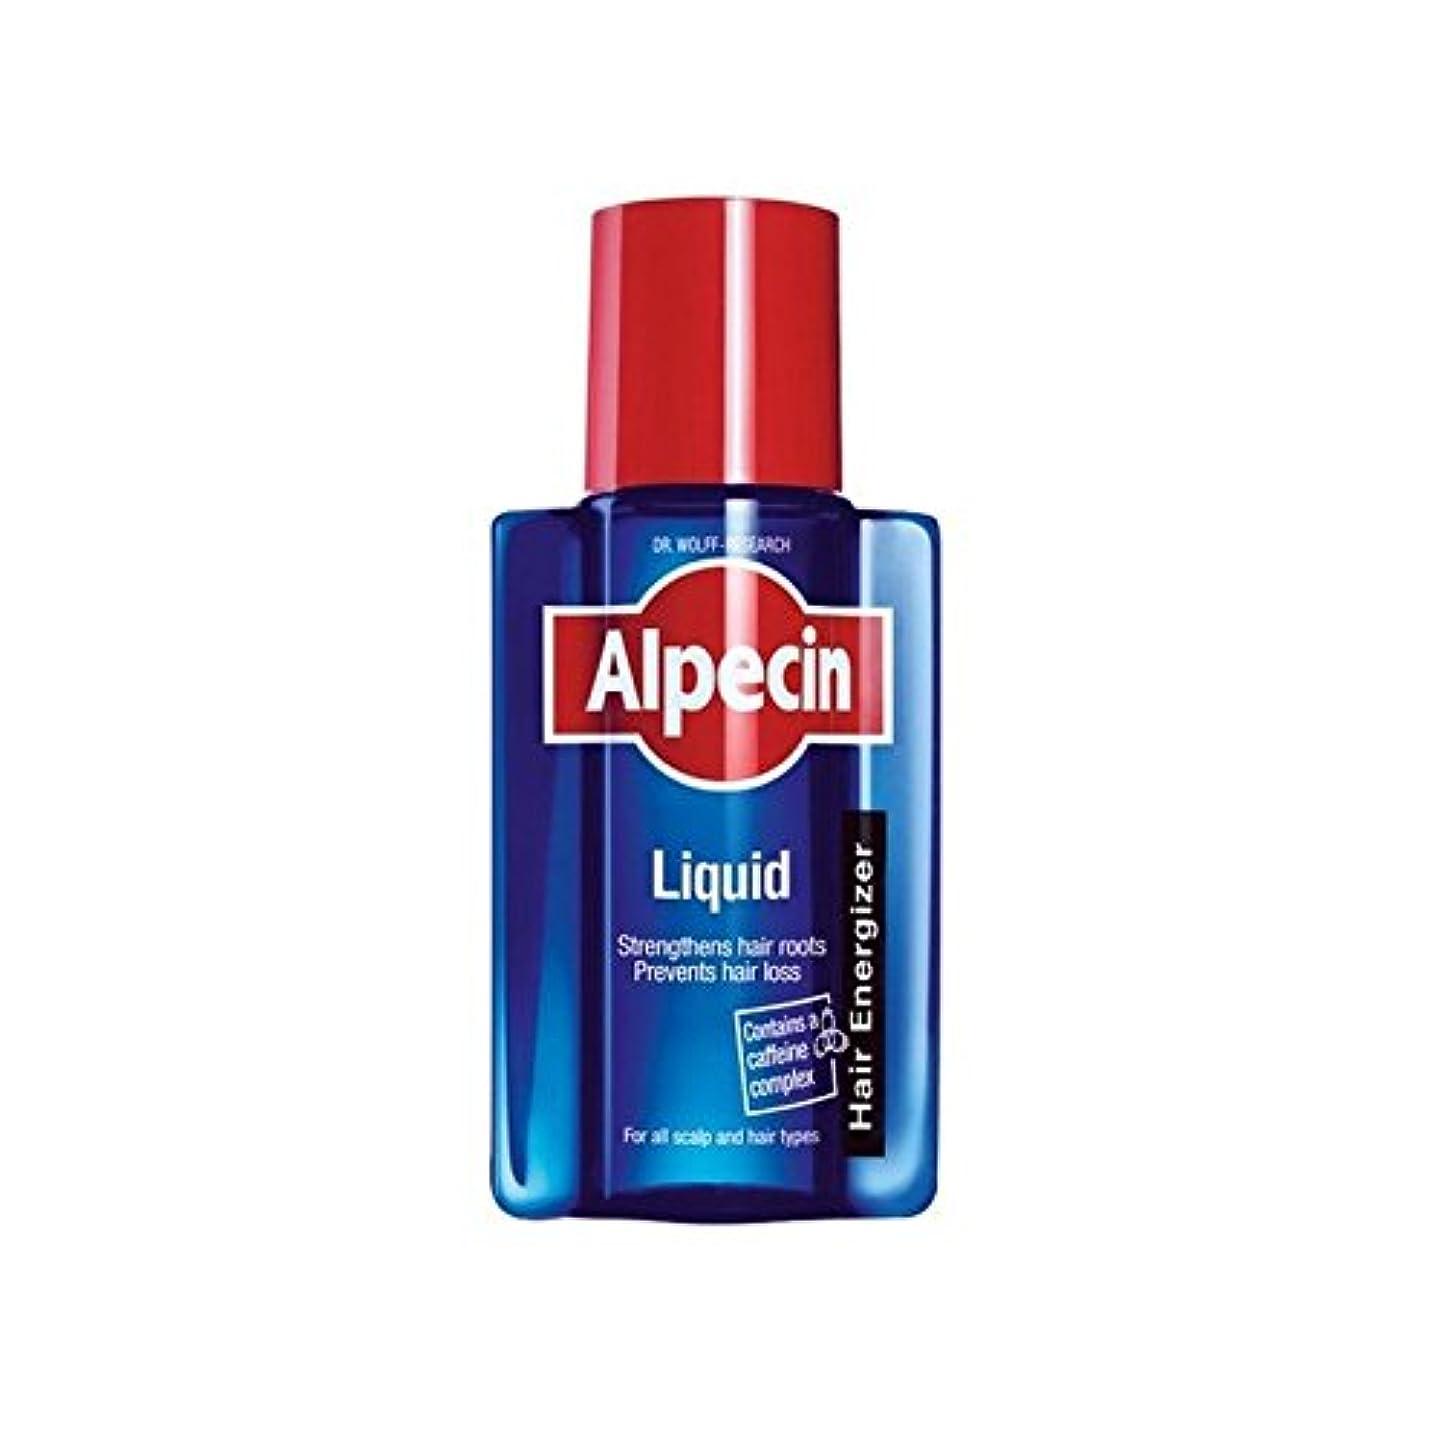 二度消化君主制Alpecin Liquid (200ml) - 液体(200)中 [並行輸入品]